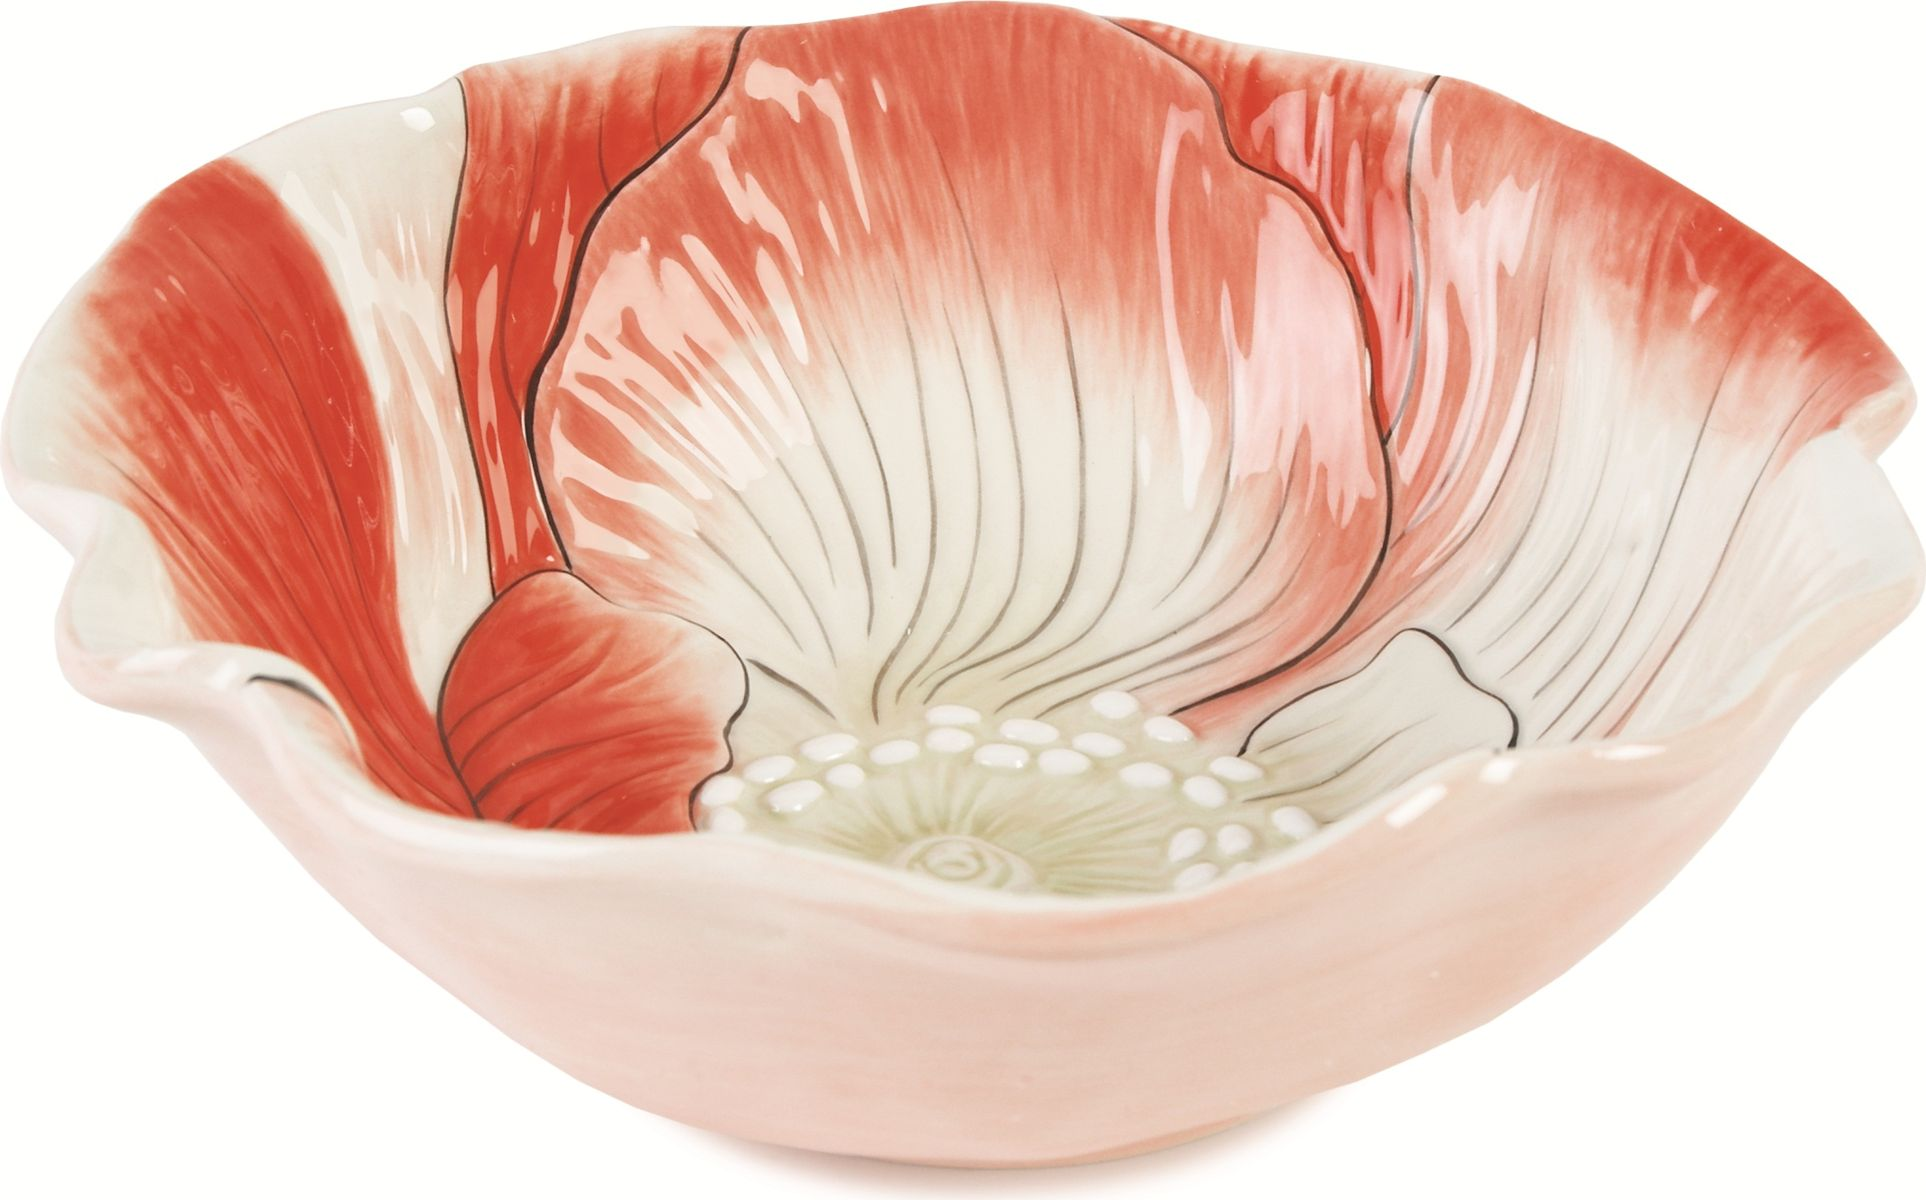 Блюдо для сервировки малое. Материал - керамика, расписанная вручную.Рекомендуется бережная ручная мойка без использования абразивных моющих средств.